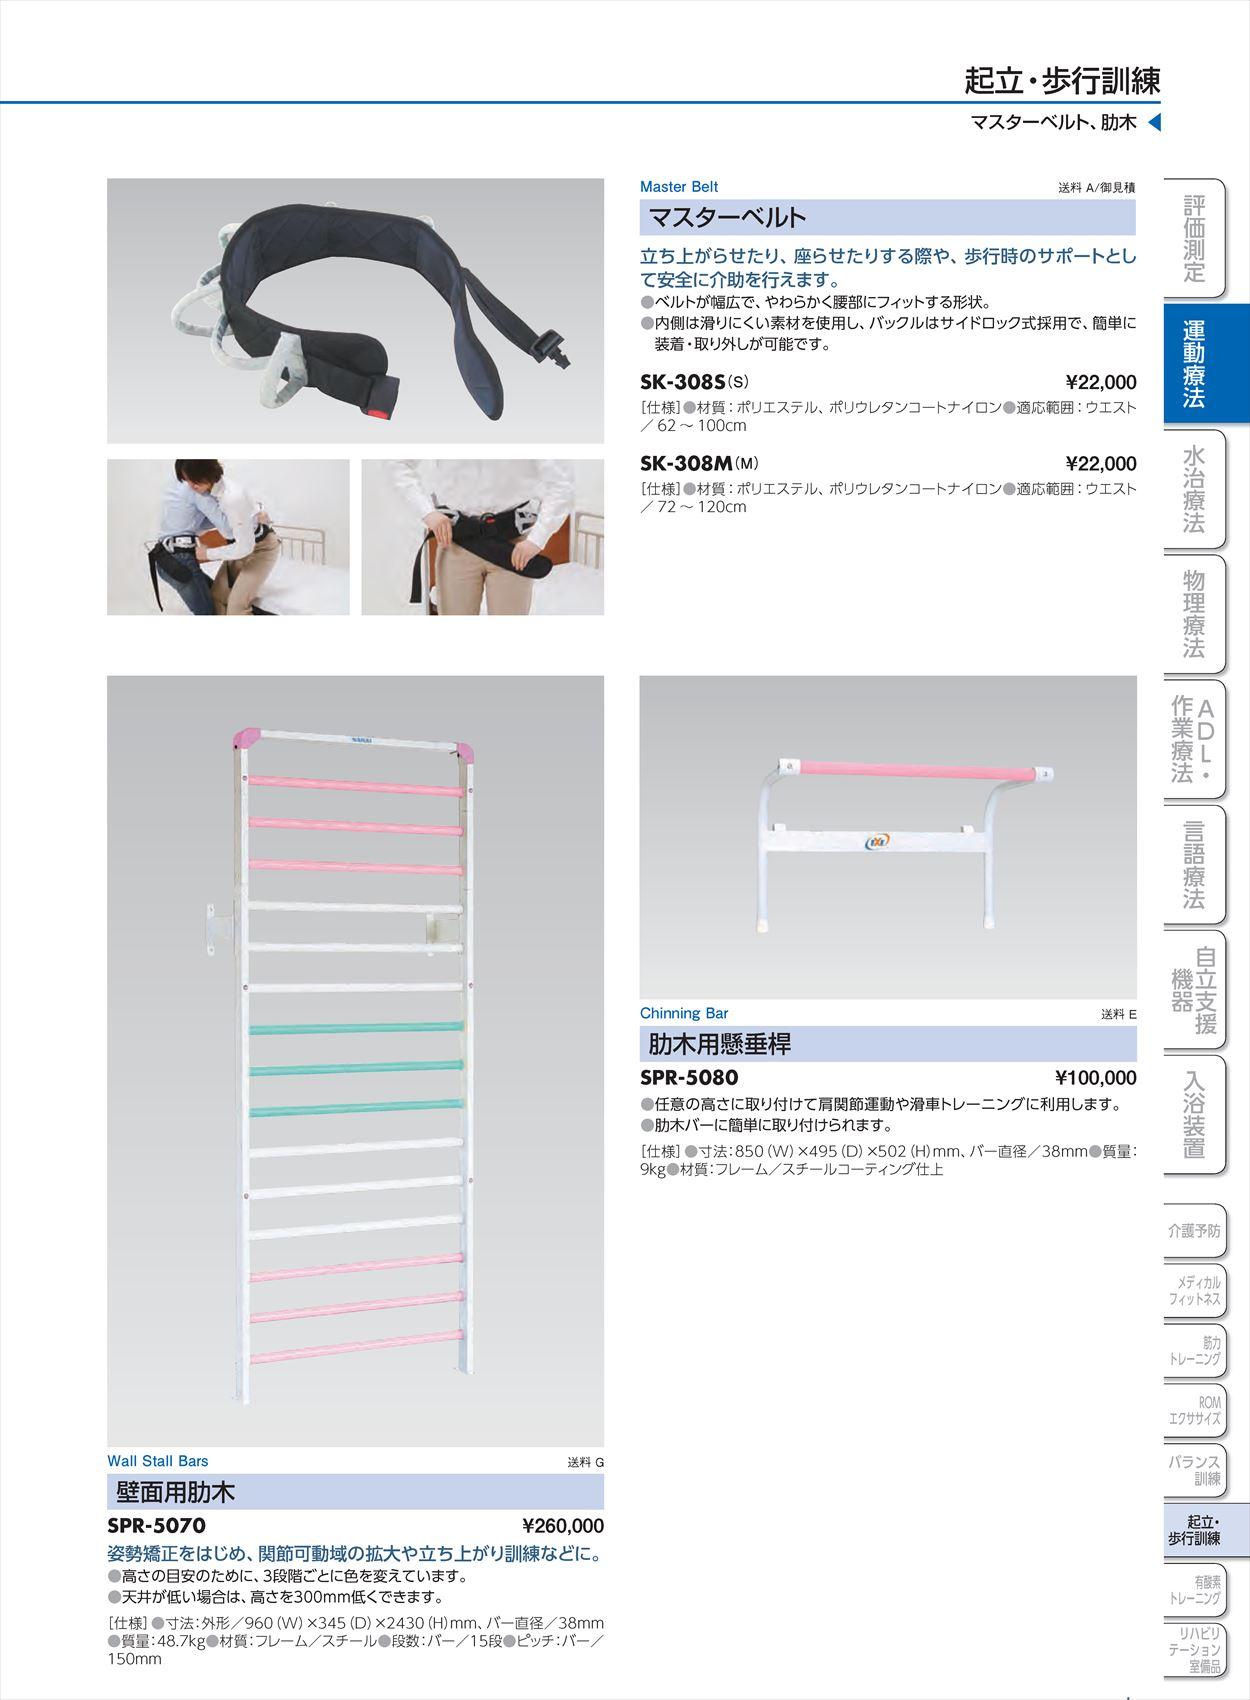 【※送料別途】エクササイズミラーSPR-5130[台](sa04420279)【酒井医療】